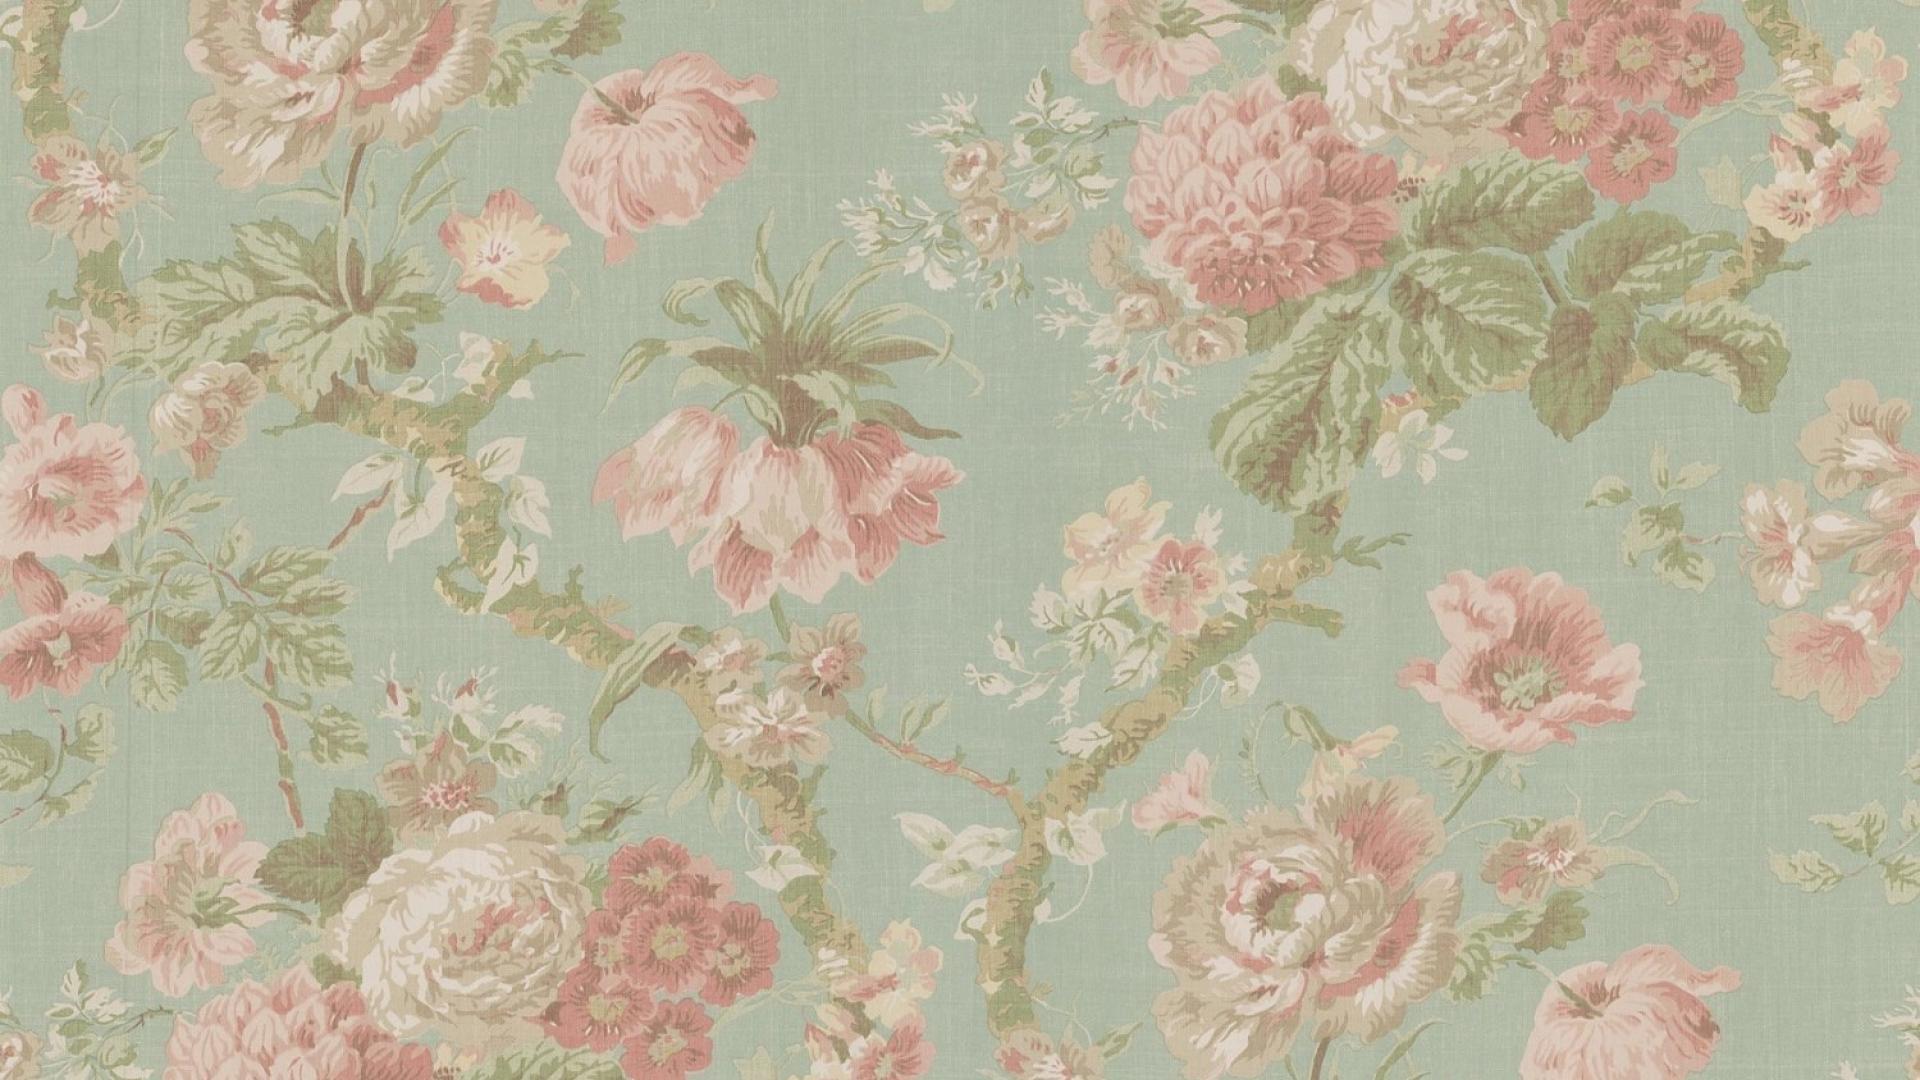 floral desktop backgrounds - wallpaper cave